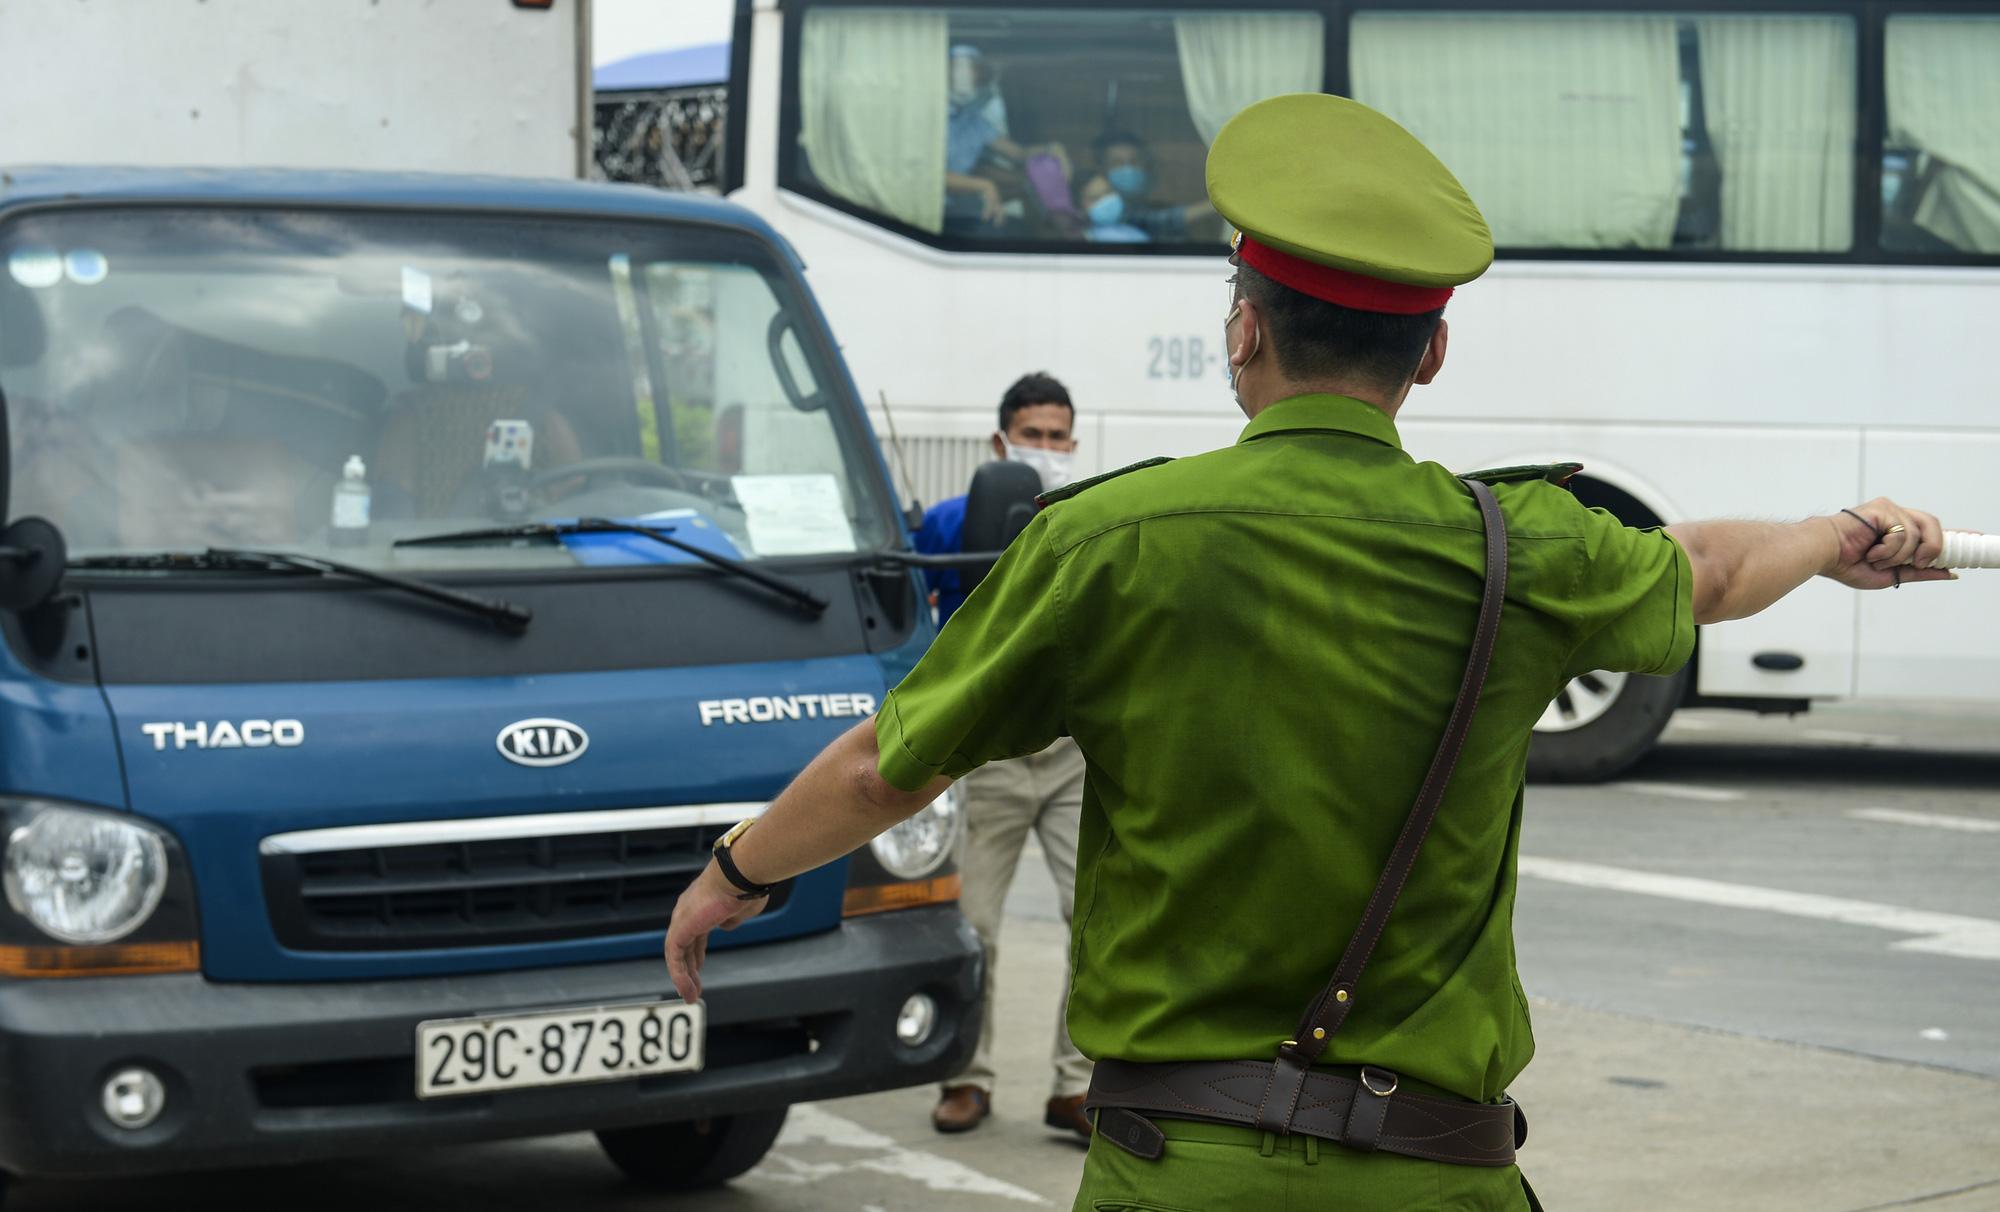 Hà Nội giãn cách xã hội, cao tốc Pháp Vân - Cầu Giẽ 80% xe phải quay đầu, nhiều tài xế bất ngờ, to tiếng với CSGT - Ảnh 6.